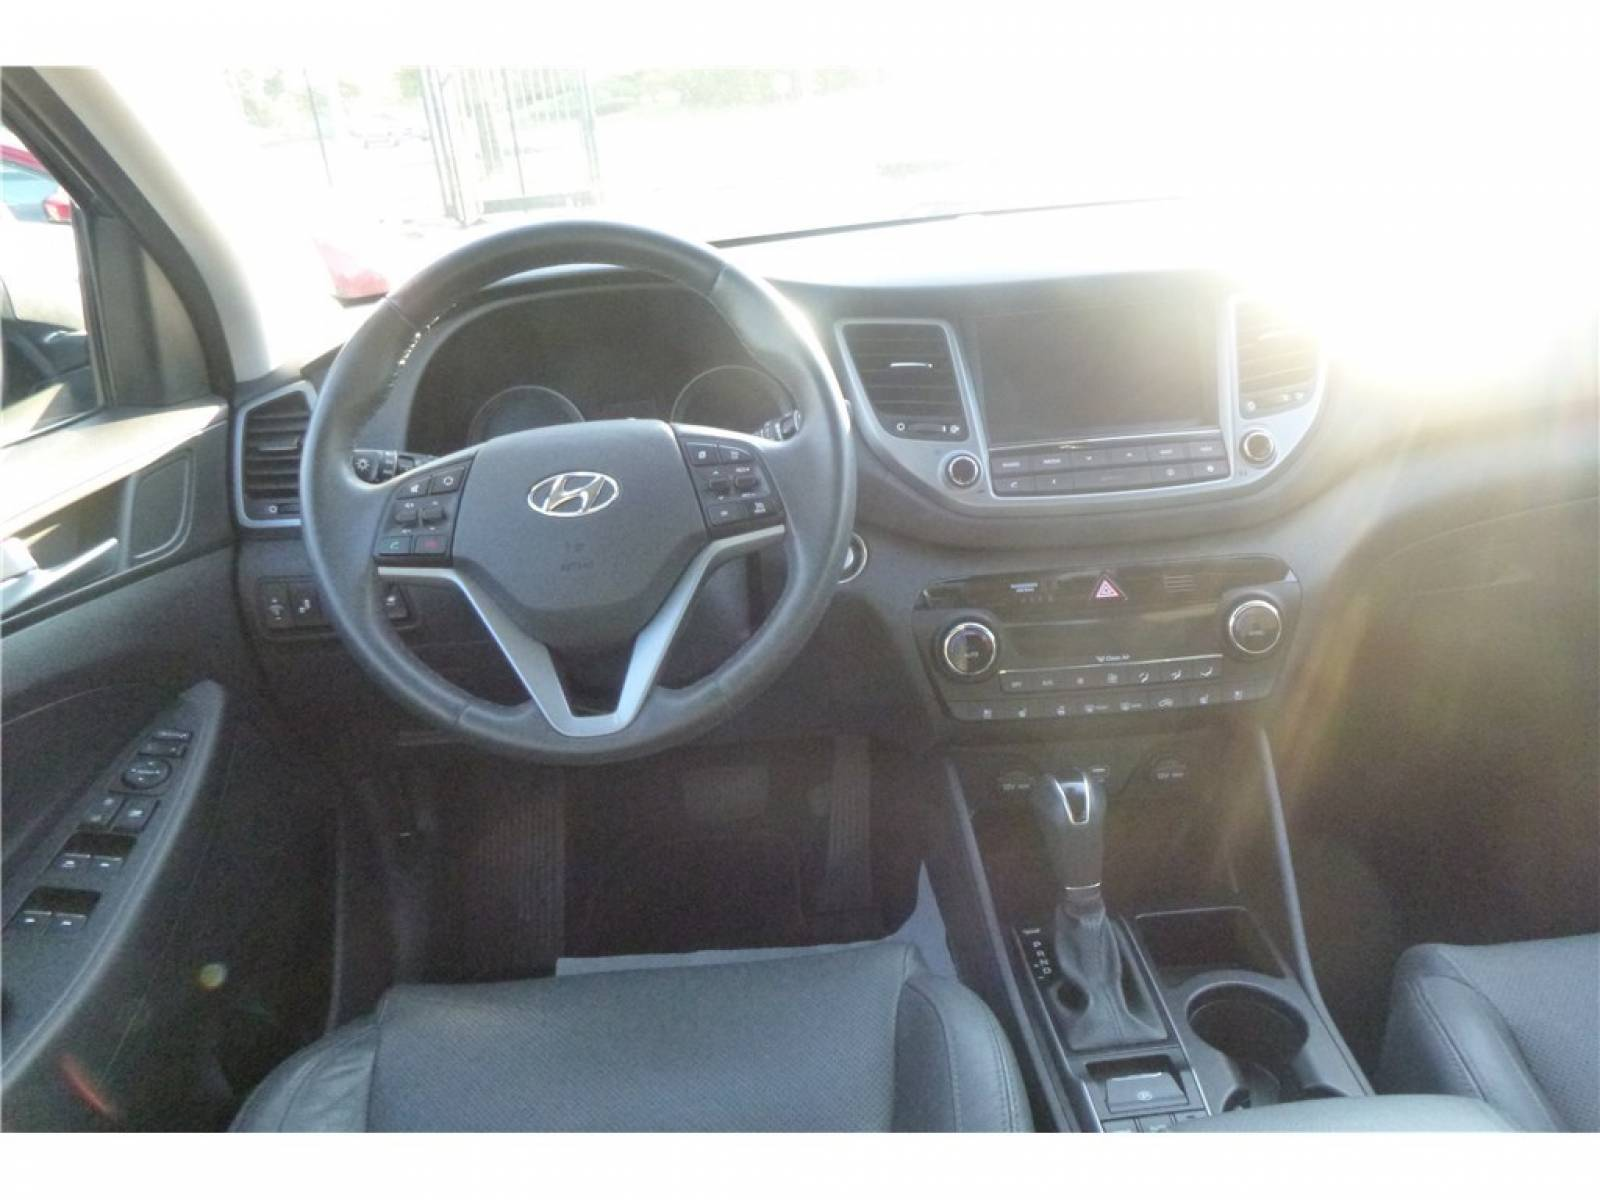 HYUNDAI Tucson 1.7 CRDi 141 2WD DCT-7 - véhicule d'occasion - Groupe Guillet - Chalon Automobiles - 71100 - Chalon-sur-Saône - 25